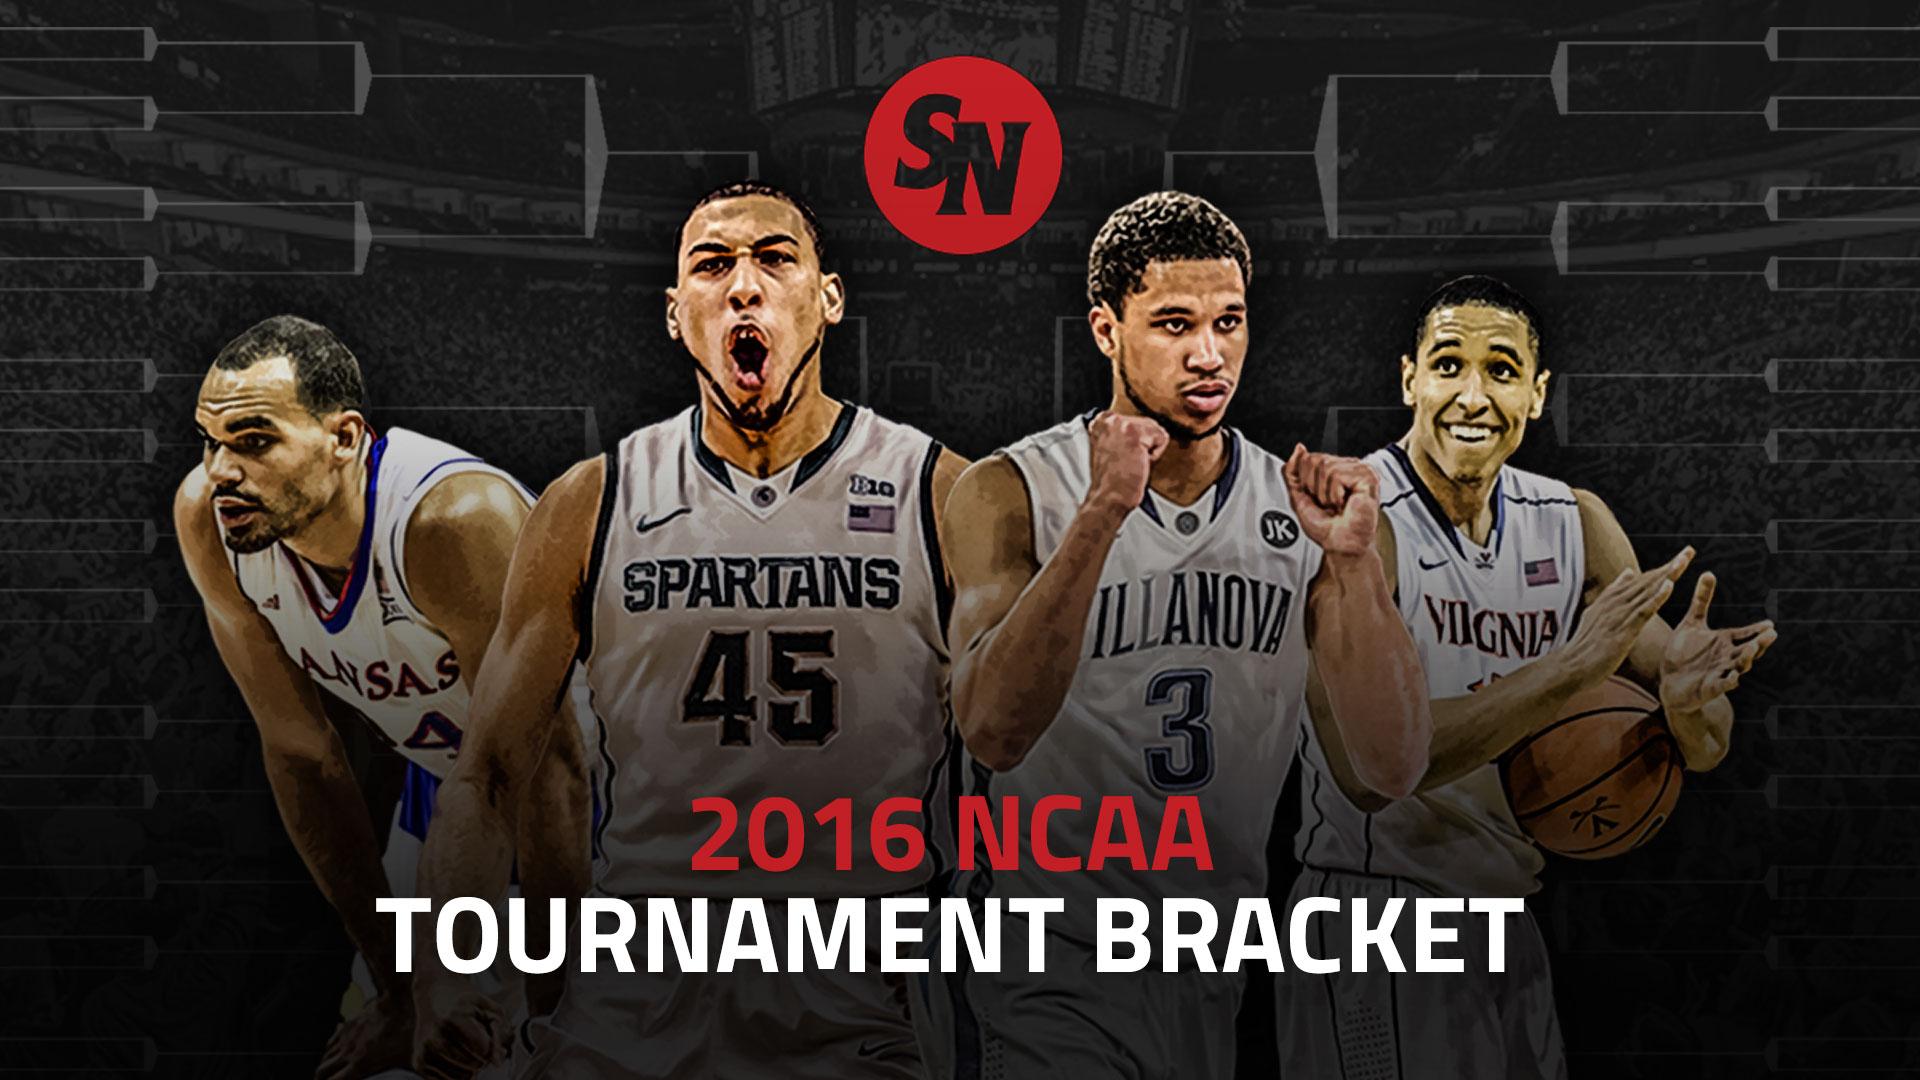 2016 NCAA Tournament